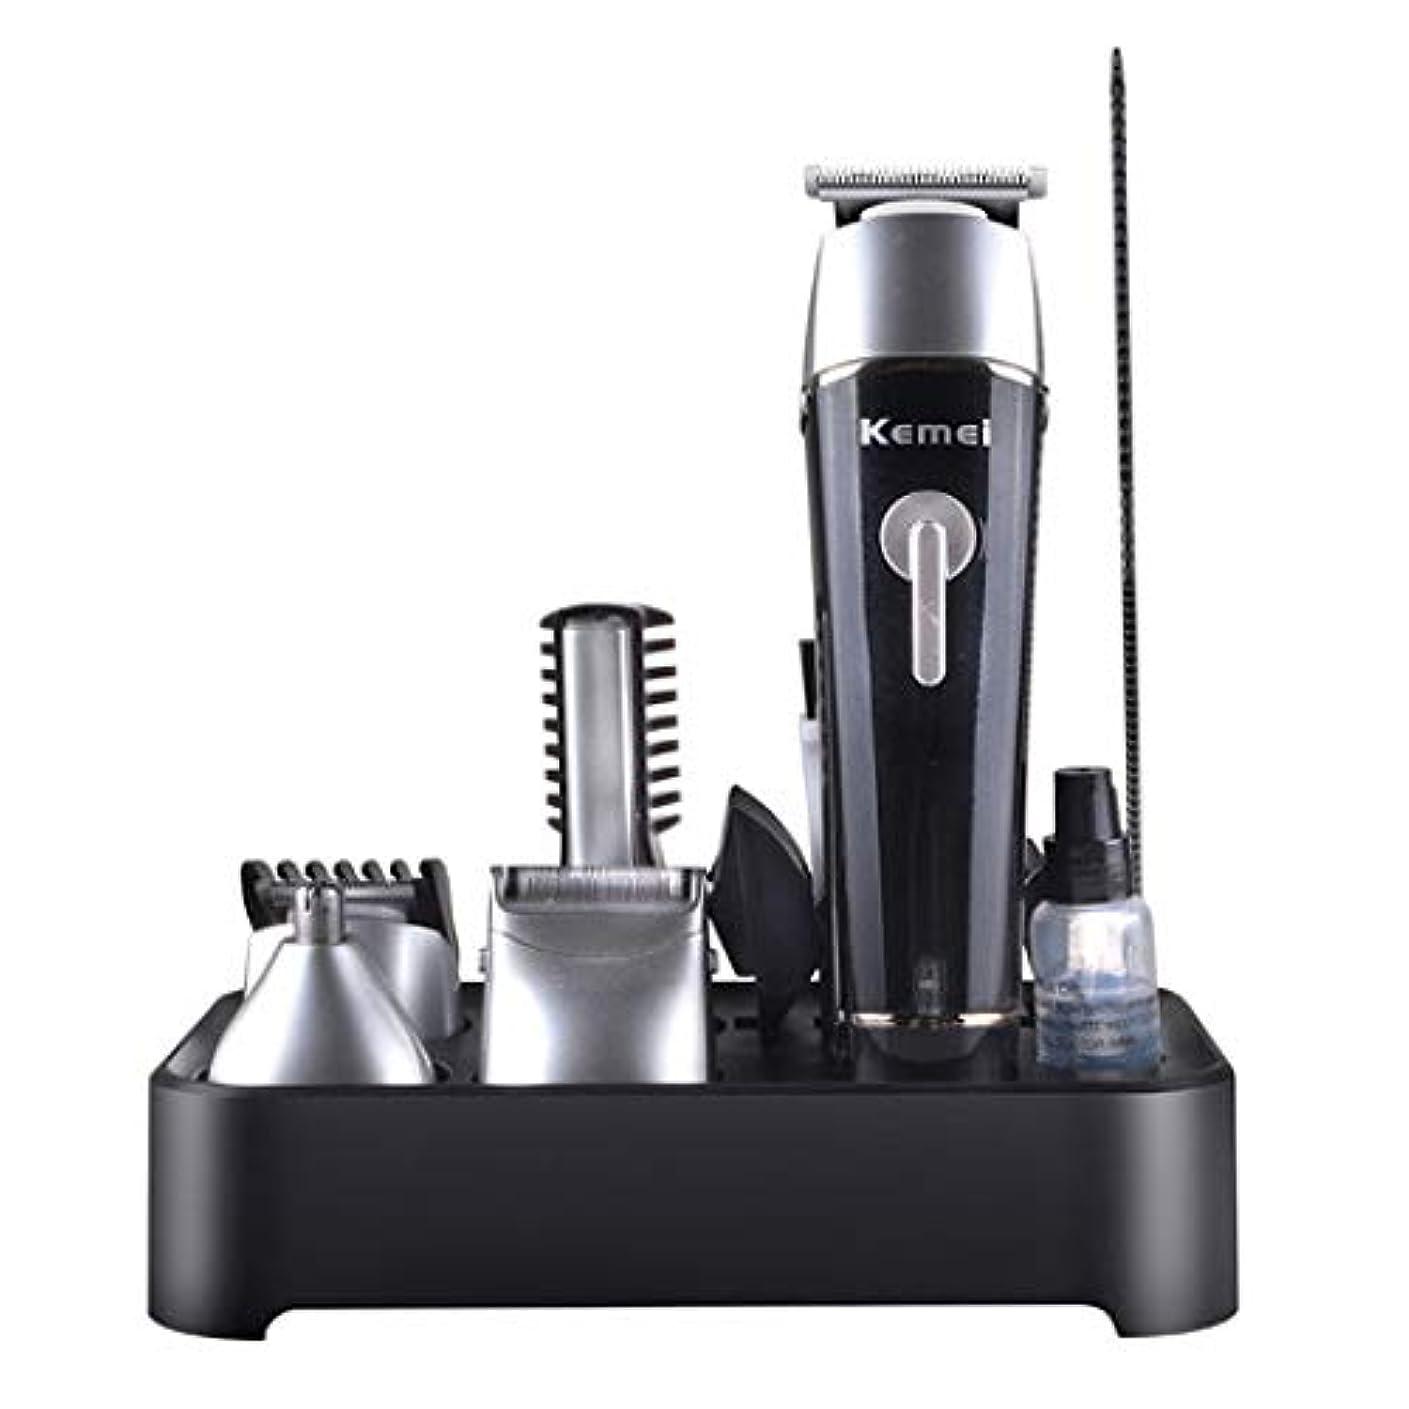 服を洗うフェローシップアジア人QINJLI 電気髪クリッパー鼻ナイフ剃刀シェーバー多 function スーツ体を洗う基本 16 * 3.5 cm を充電